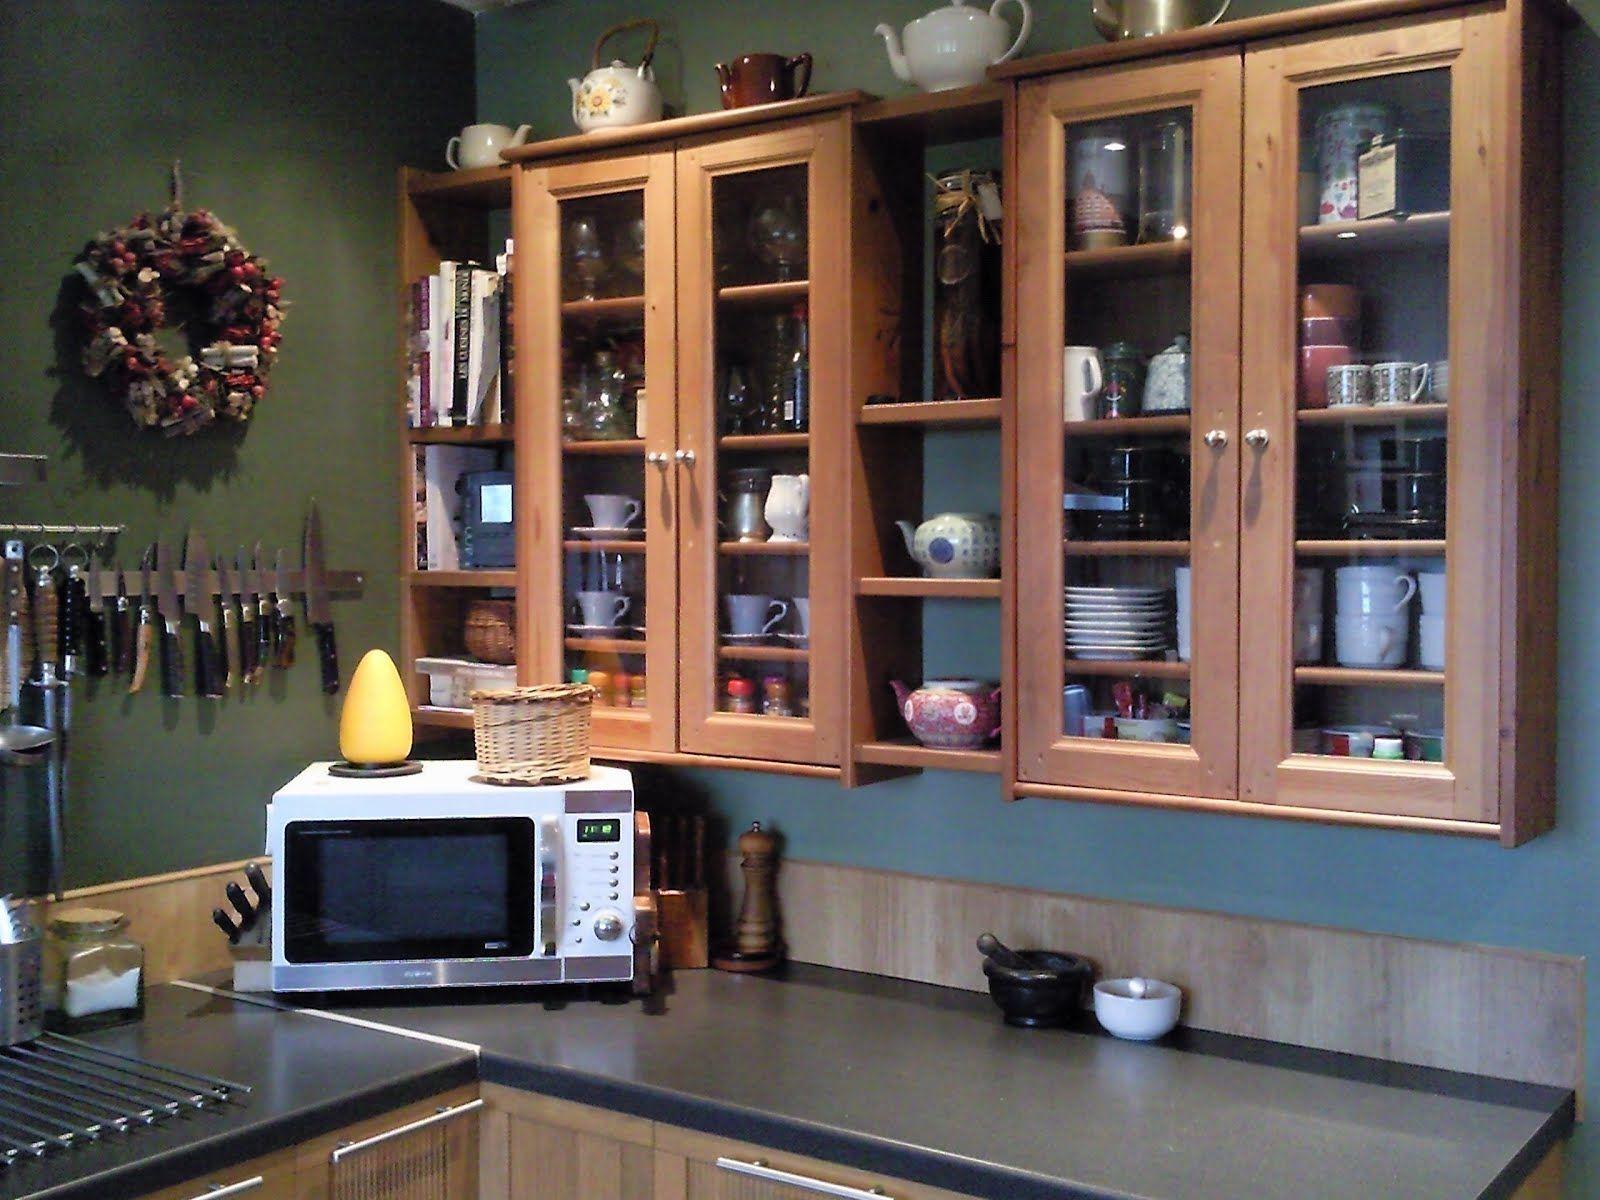 High Quality IKEA Hackers: Leksvik Pine CD Cabinets And Ikea Pine Shelves U003d Kitchen  Cabinets